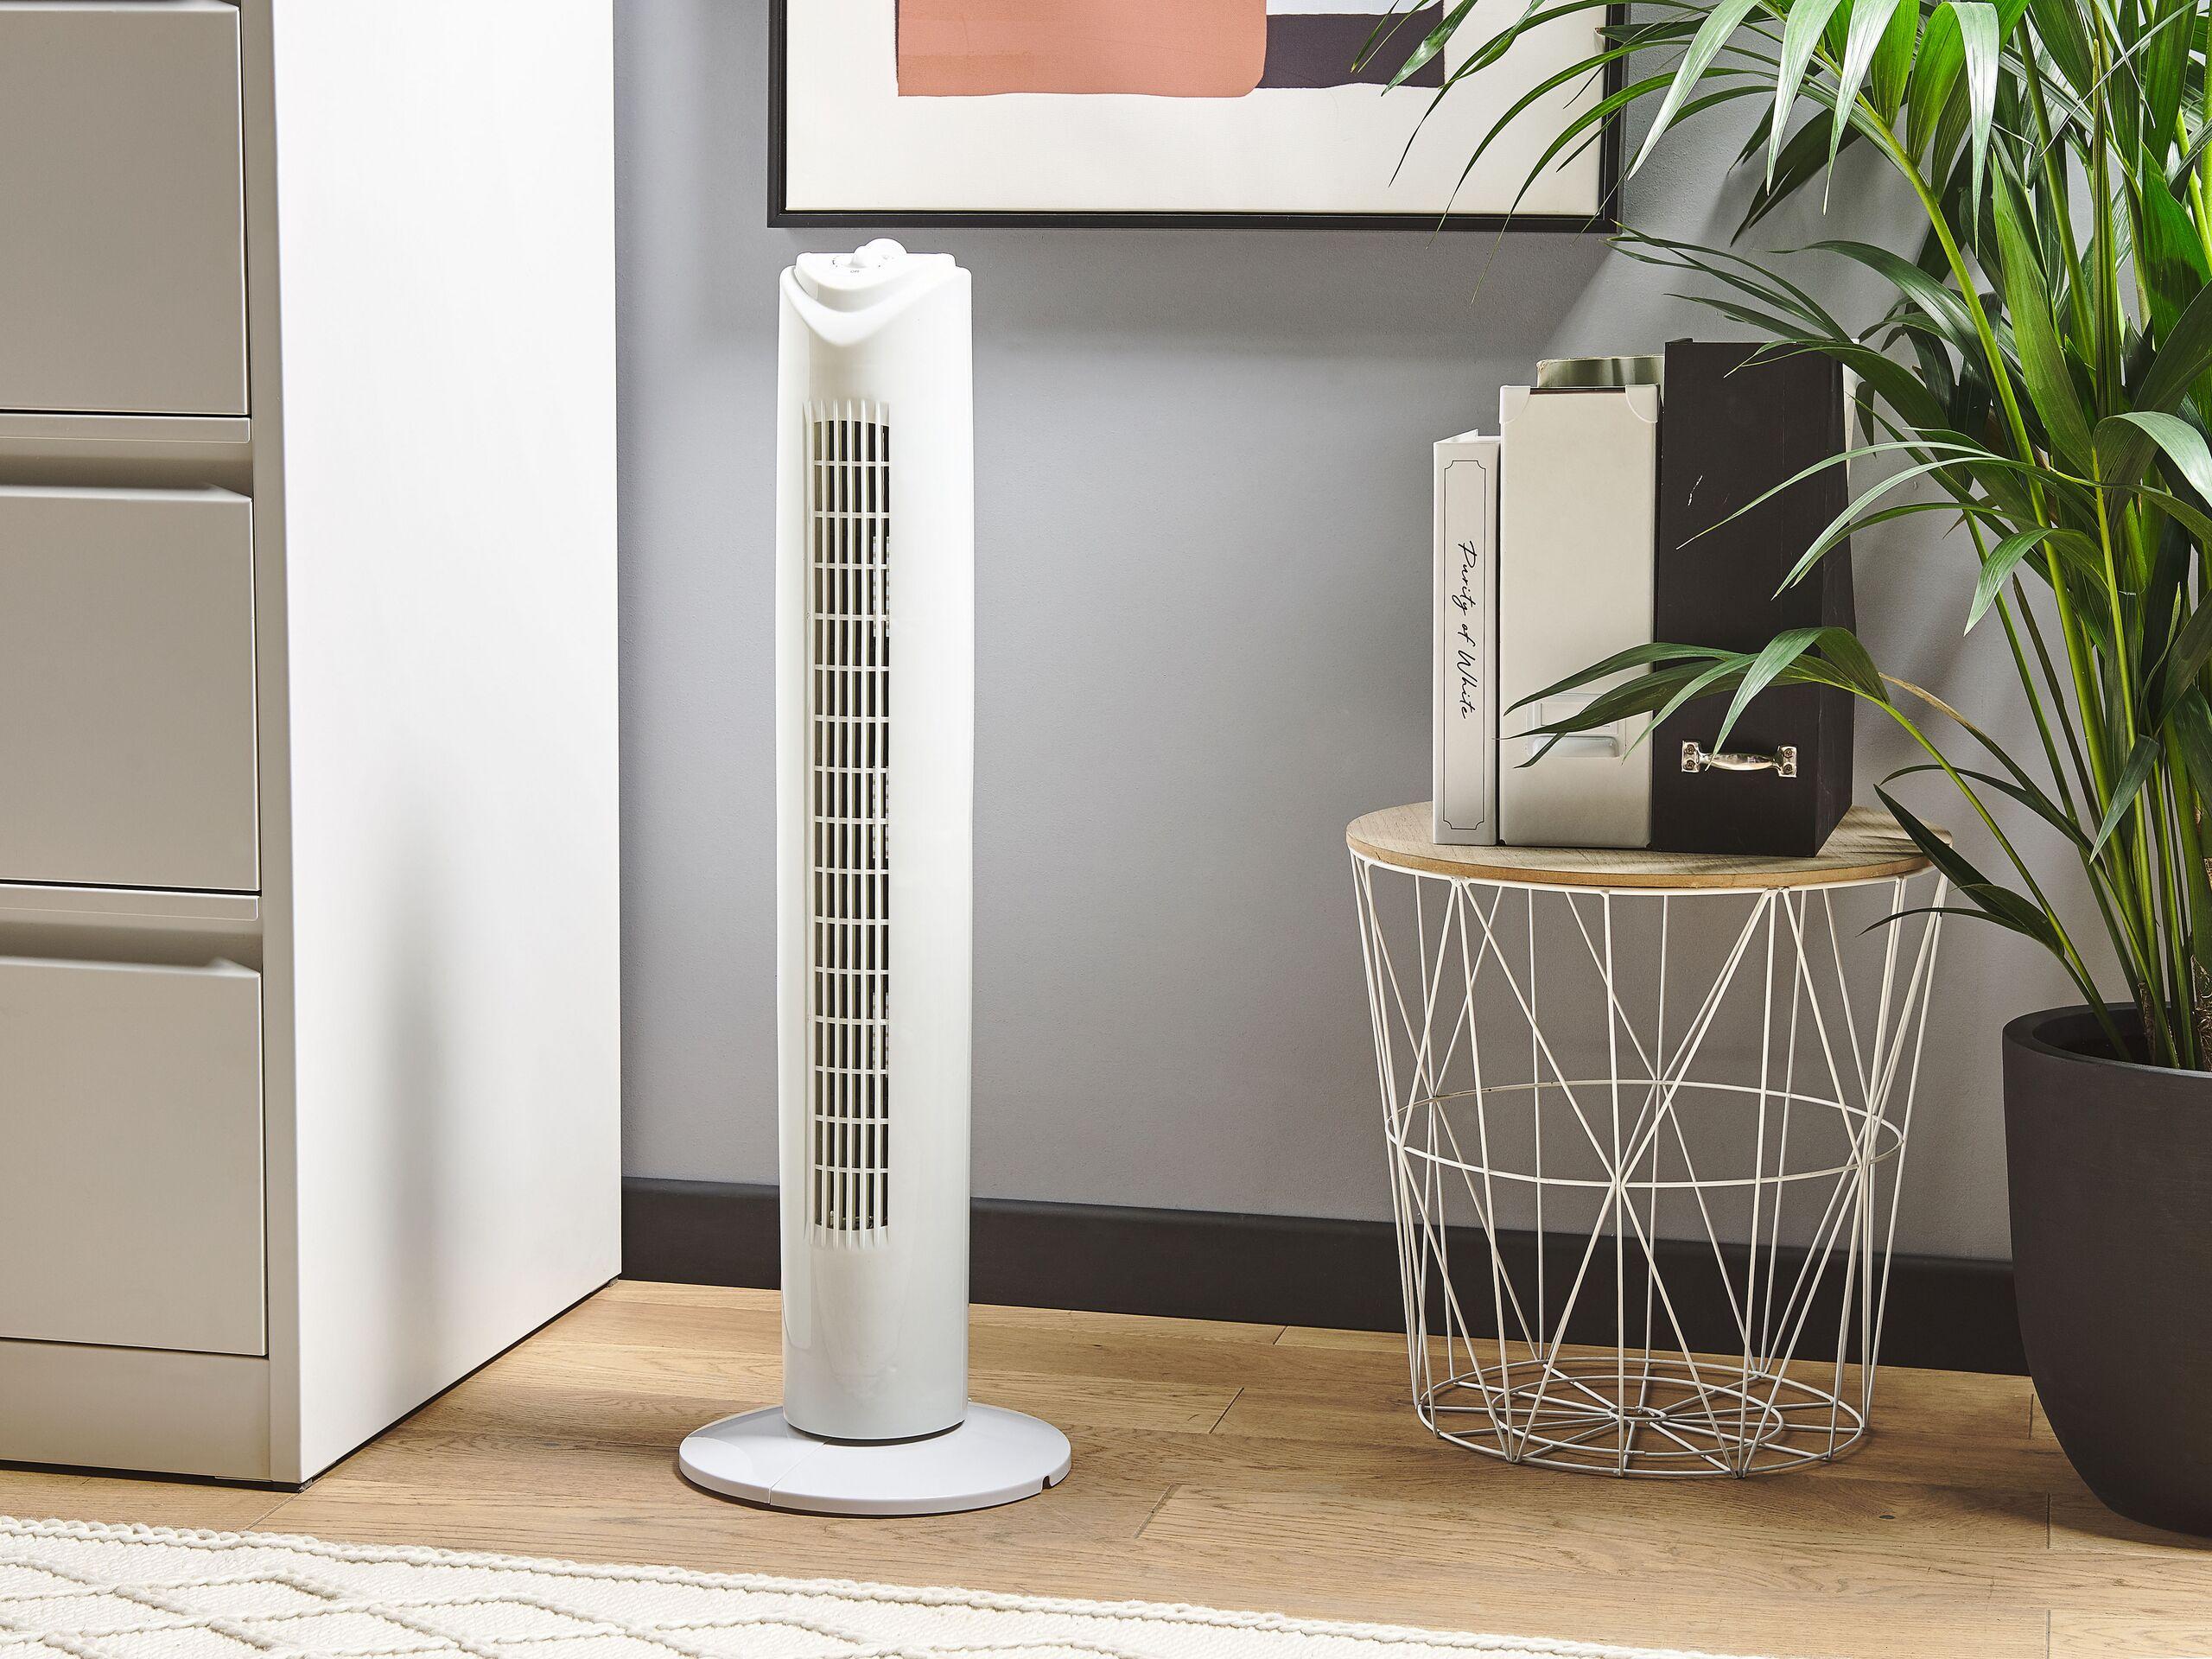 Beliani Ventilatore Verticale Da Terra Con 3 Velocità Colore Bianco 80 Cm Per Soggiorni